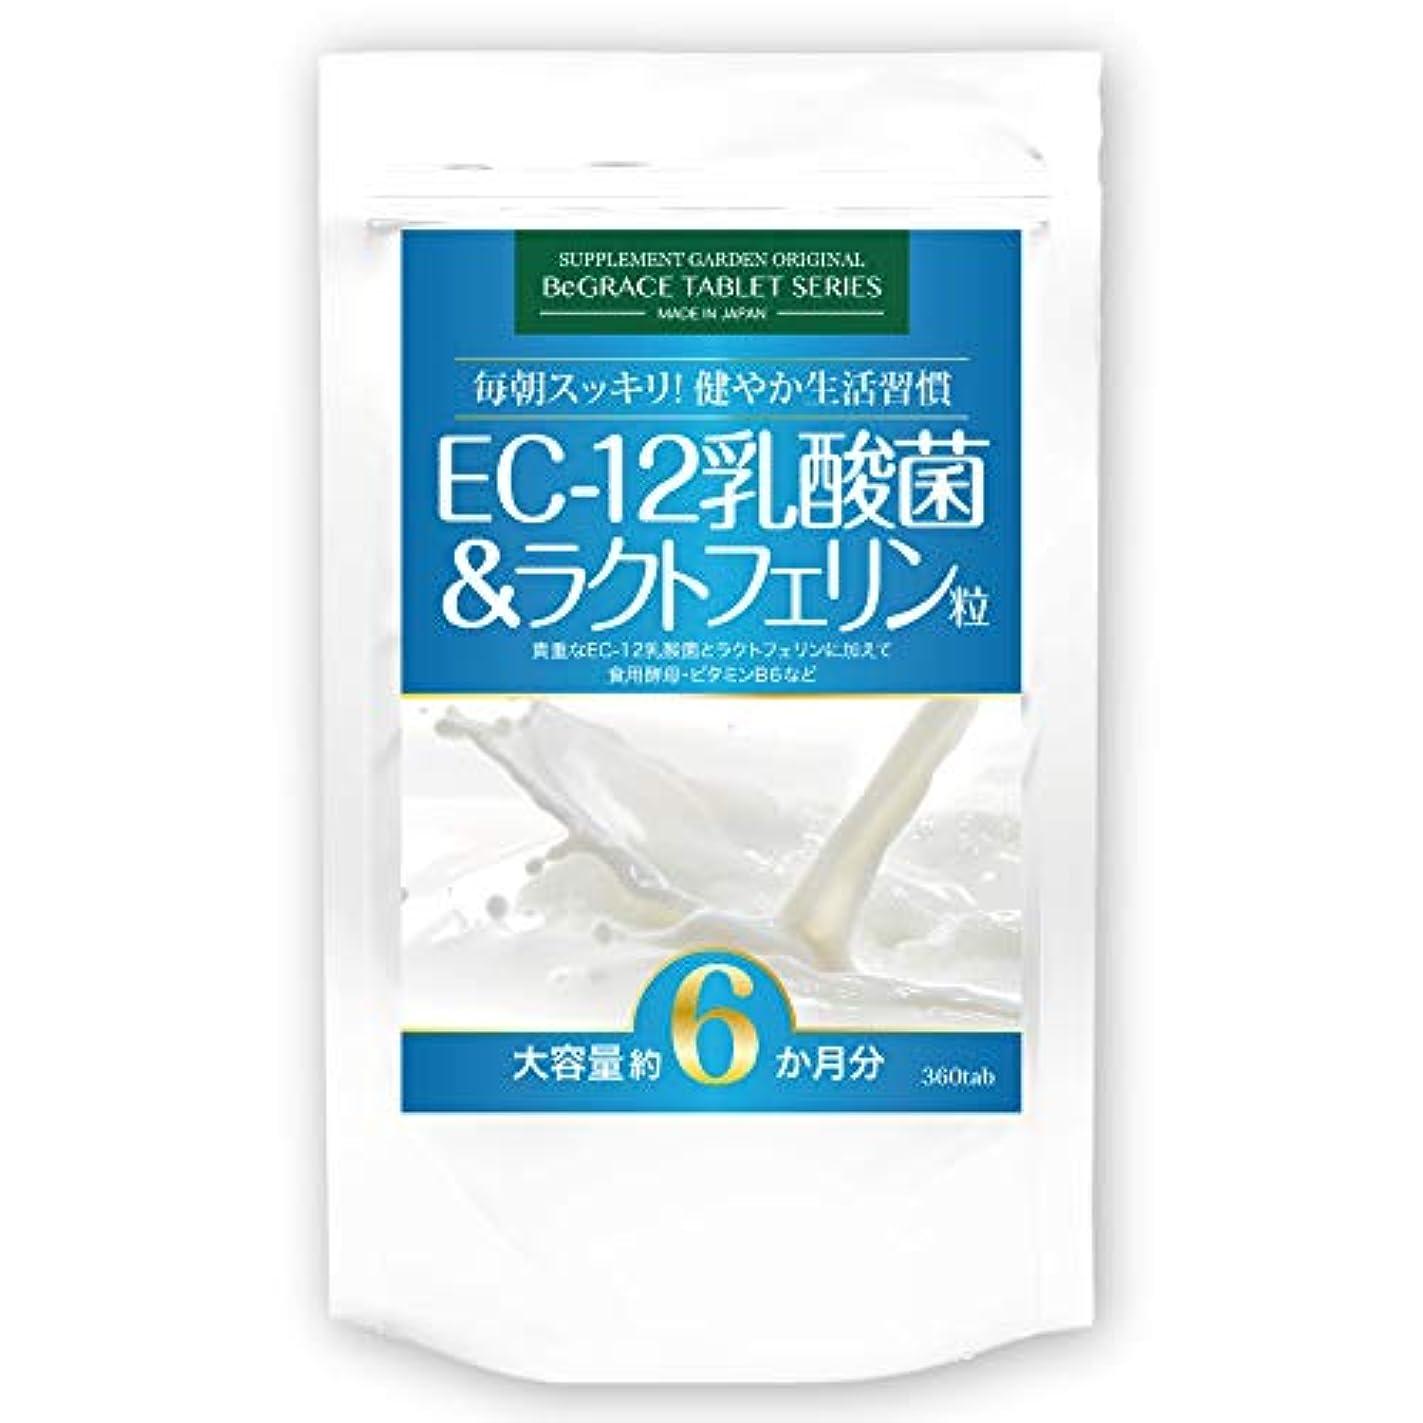 余裕がある真面目な散らすEC-12乳酸菌&ラクトフェリン粒 大容量約6ヶ月分/360粒(EC-12乳酸菌、ラクトフェリン、ビール酵母、ホエイプロテイン、ビタミンB6)